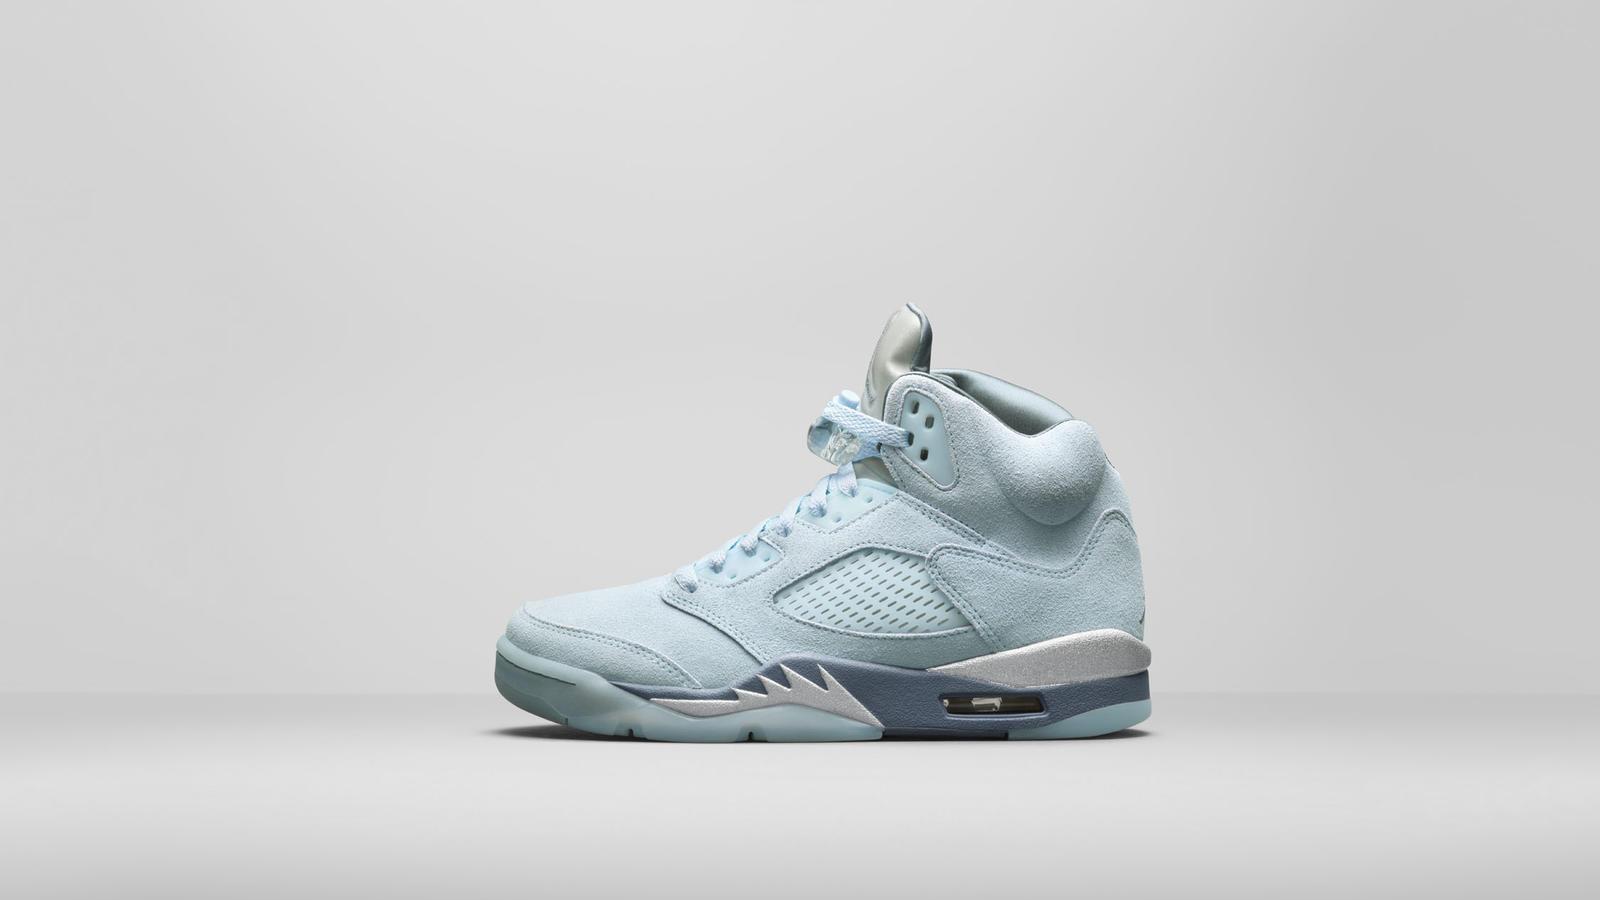 Nike News Jordan Brand Ho21 Retro Preview Aj V Retro Dd9336 400 A1 Lateral V02 Lr